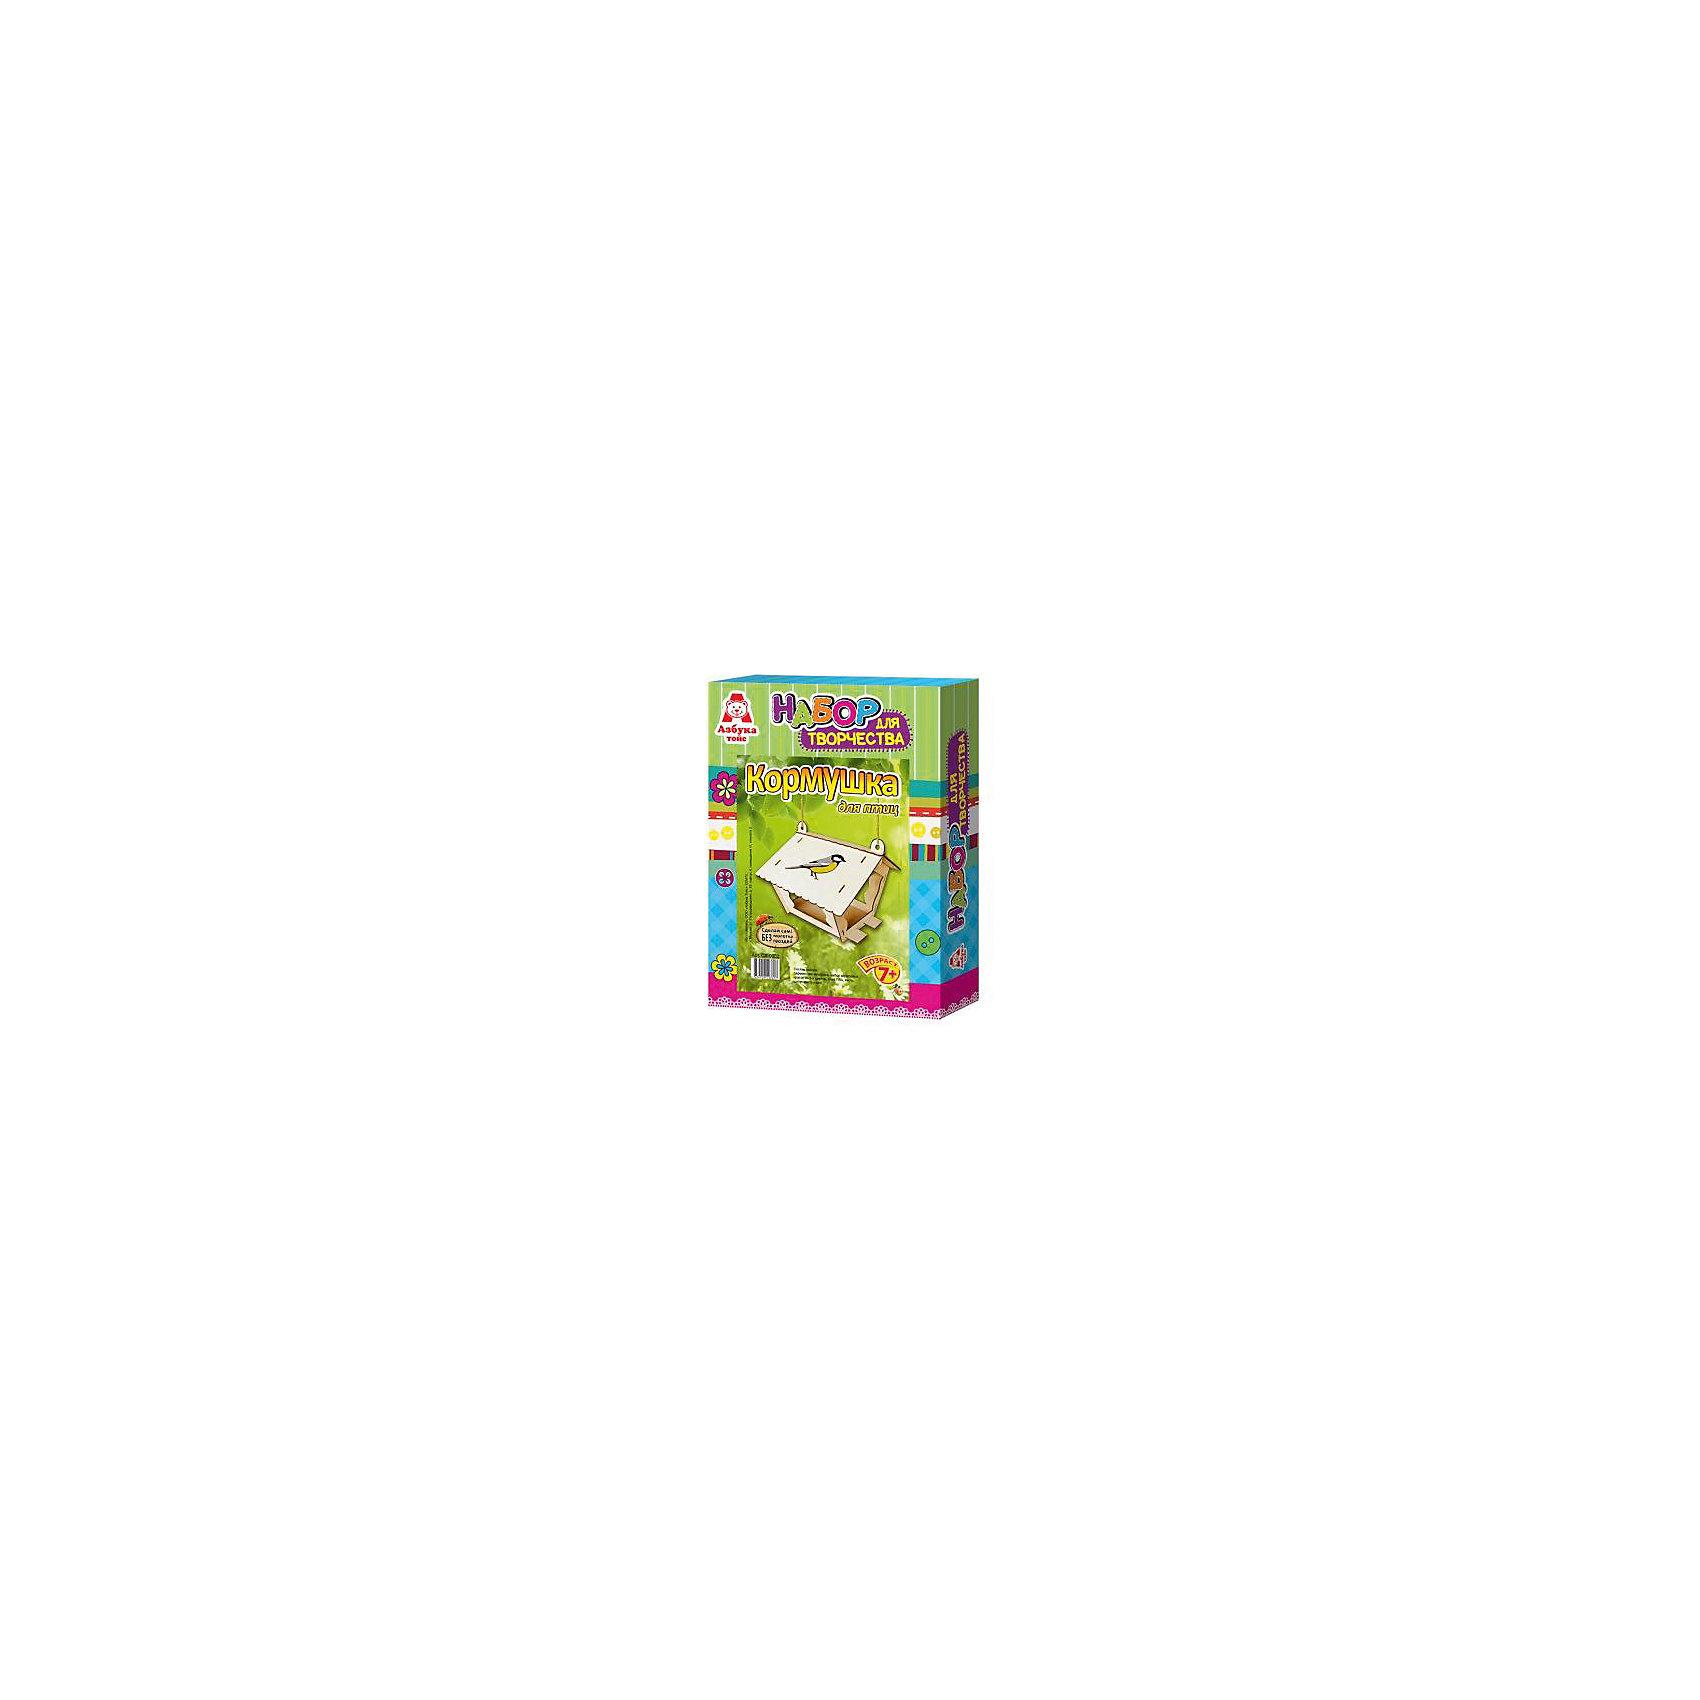 Кормушка-раскраска для птиц СиницаРукоделие<br>Кормушка-раскраска для птиц Синица<br><br>Характеристики:<br><br>• серия: Сделай сам;<br>• материал: фанера;<br>• размер упаковки: 28х5х21 см;<br>• вес: 398 г.<br><br>Набор для творчества позволяет детям старше 7 лет своими руками сделать кормушку для синичек и других птичек. При изготовлении конструкции кормушки не требуется использовать молоток и гвозди. Готовое изделие можно раскрасить акриловыми красками, входящими в комплект набора. <br><br>Комплектация игрового набора Азбука Тойс:<br><br>• деревянная заготовка; <br>• набор акриловых красок, 3 цвета;<br>• клей ПВА, кисть; <br>• шнур;<br>• инструкция. <br><br>Кормушку-раскраску для птиц Синица можно купить в нашем интернет-магазине.<br><br>Ширина мм: 280<br>Глубина мм: 50<br>Высота мм: 210<br>Вес г: 398<br>Возраст от месяцев: 84<br>Возраст до месяцев: 144<br>Пол: Унисекс<br>Возраст: Детский<br>SKU: 5062919